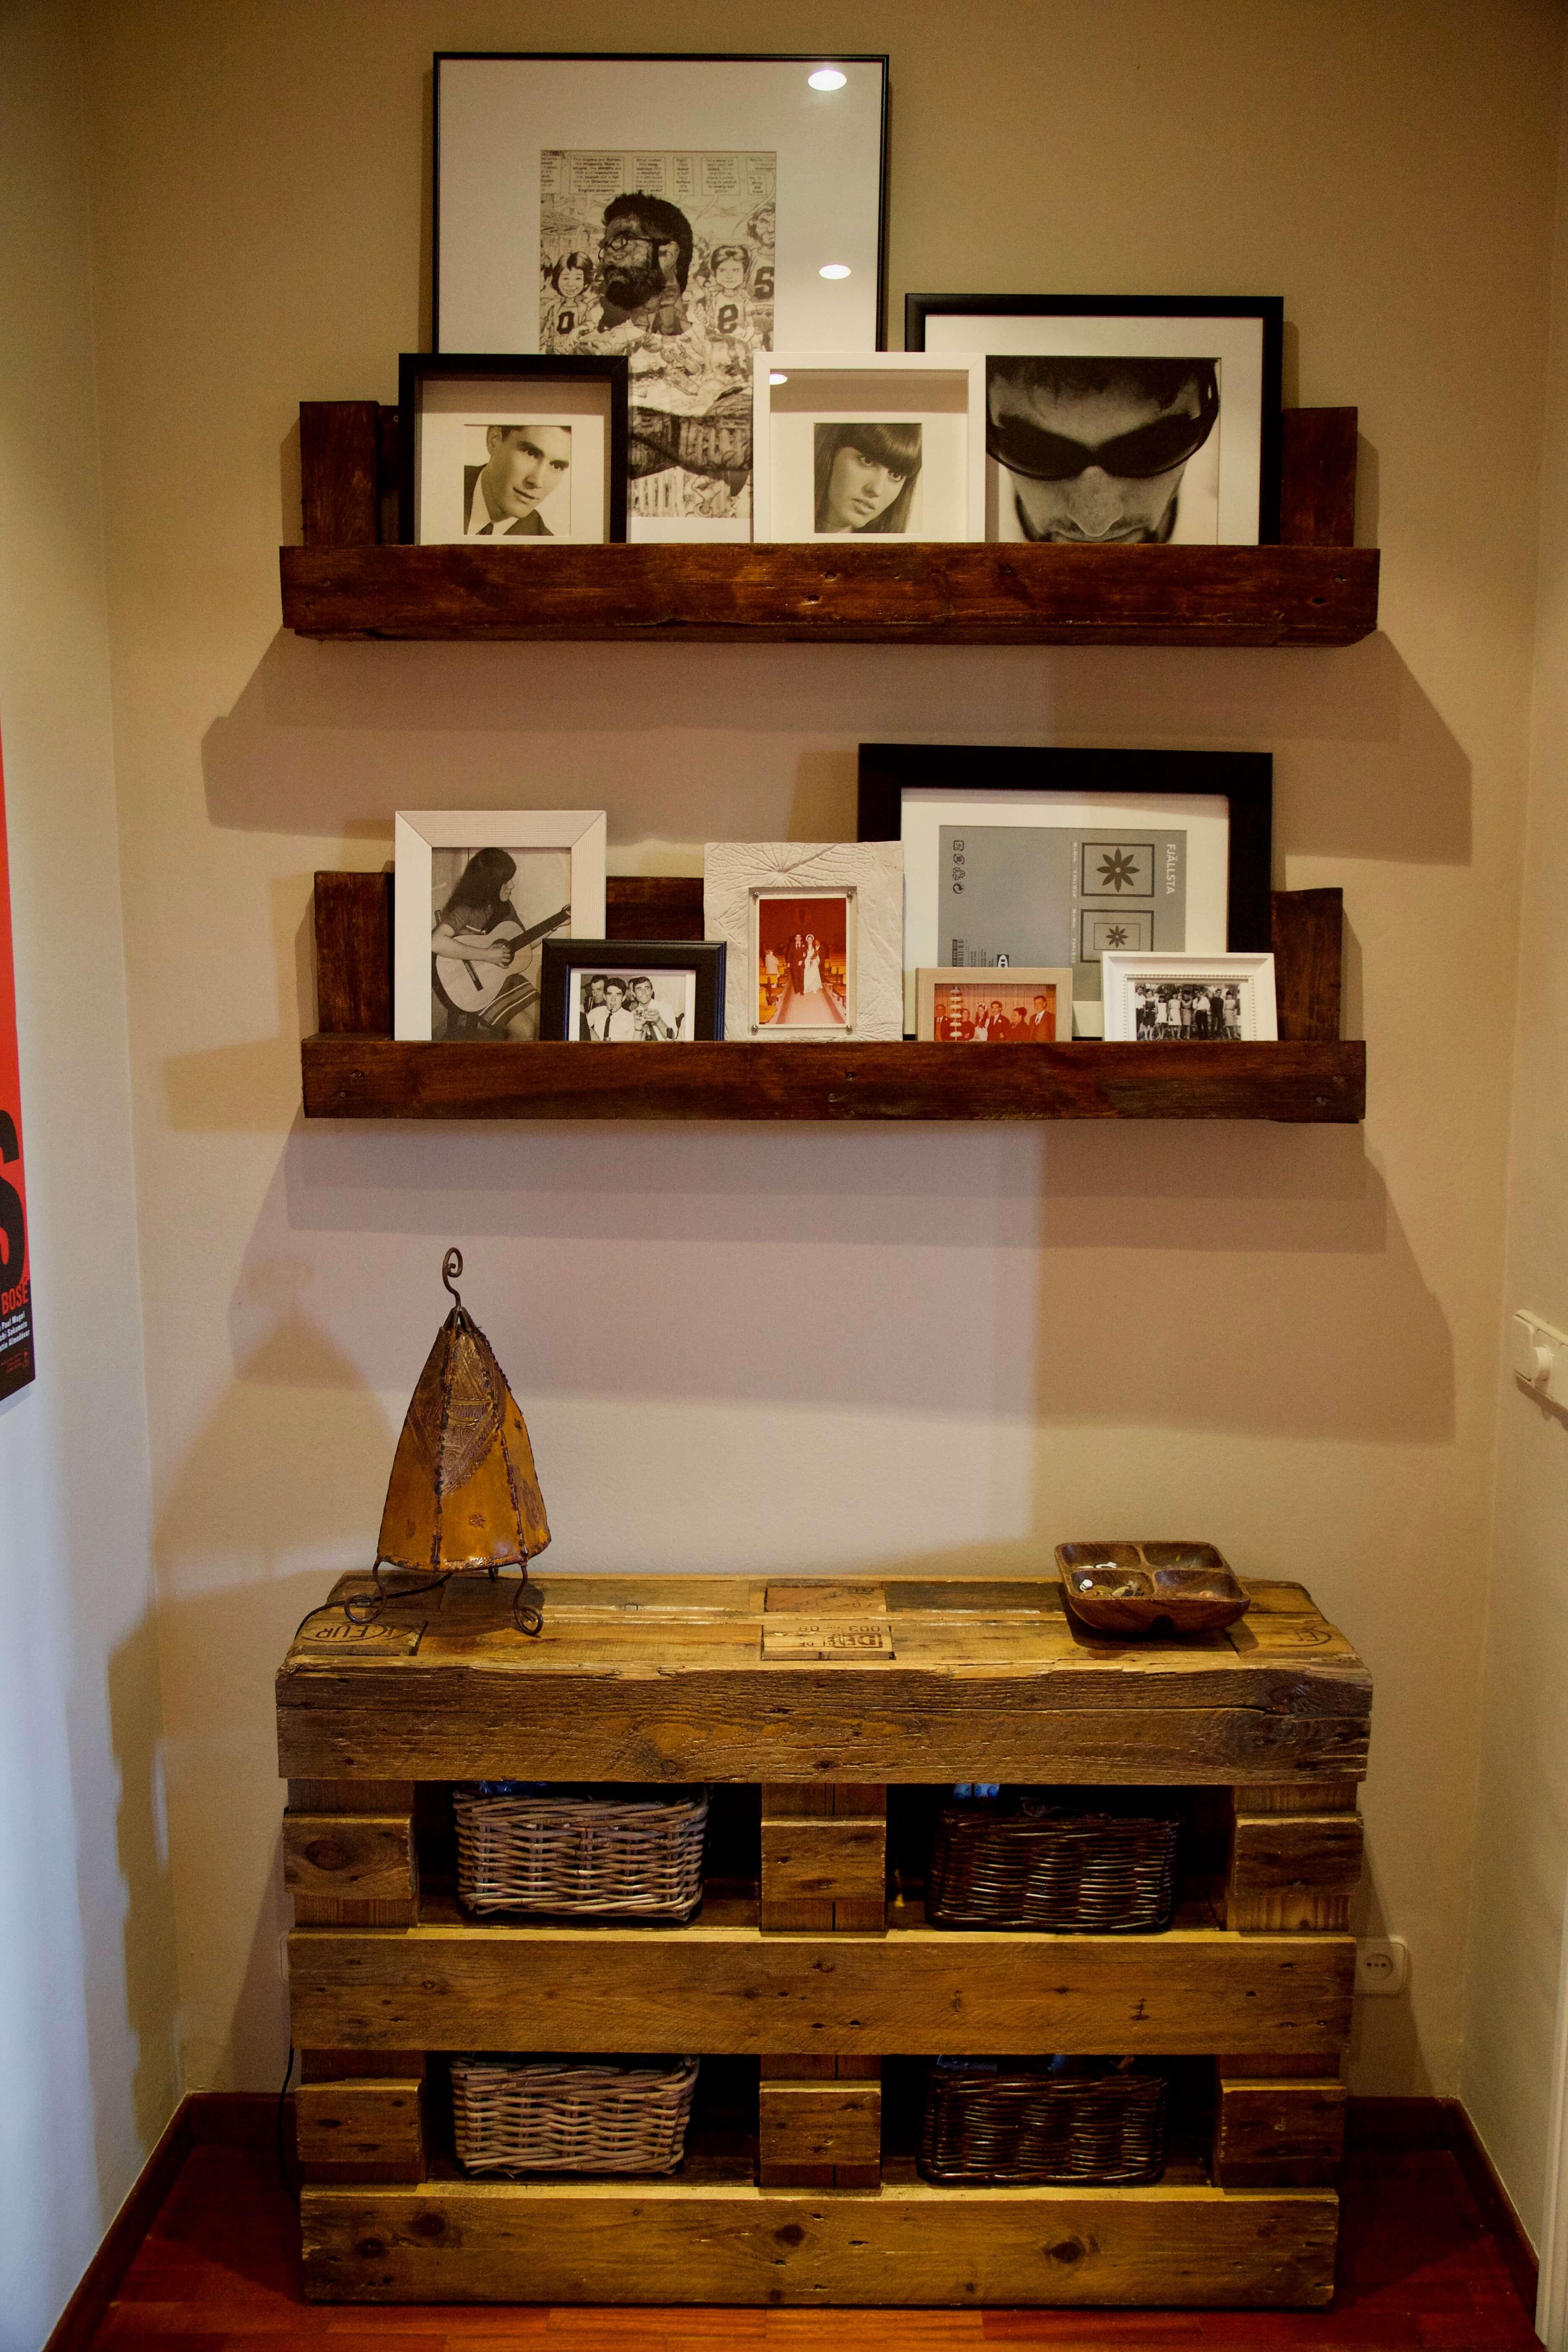 detalle frontal mueble recibidor hecho con palets